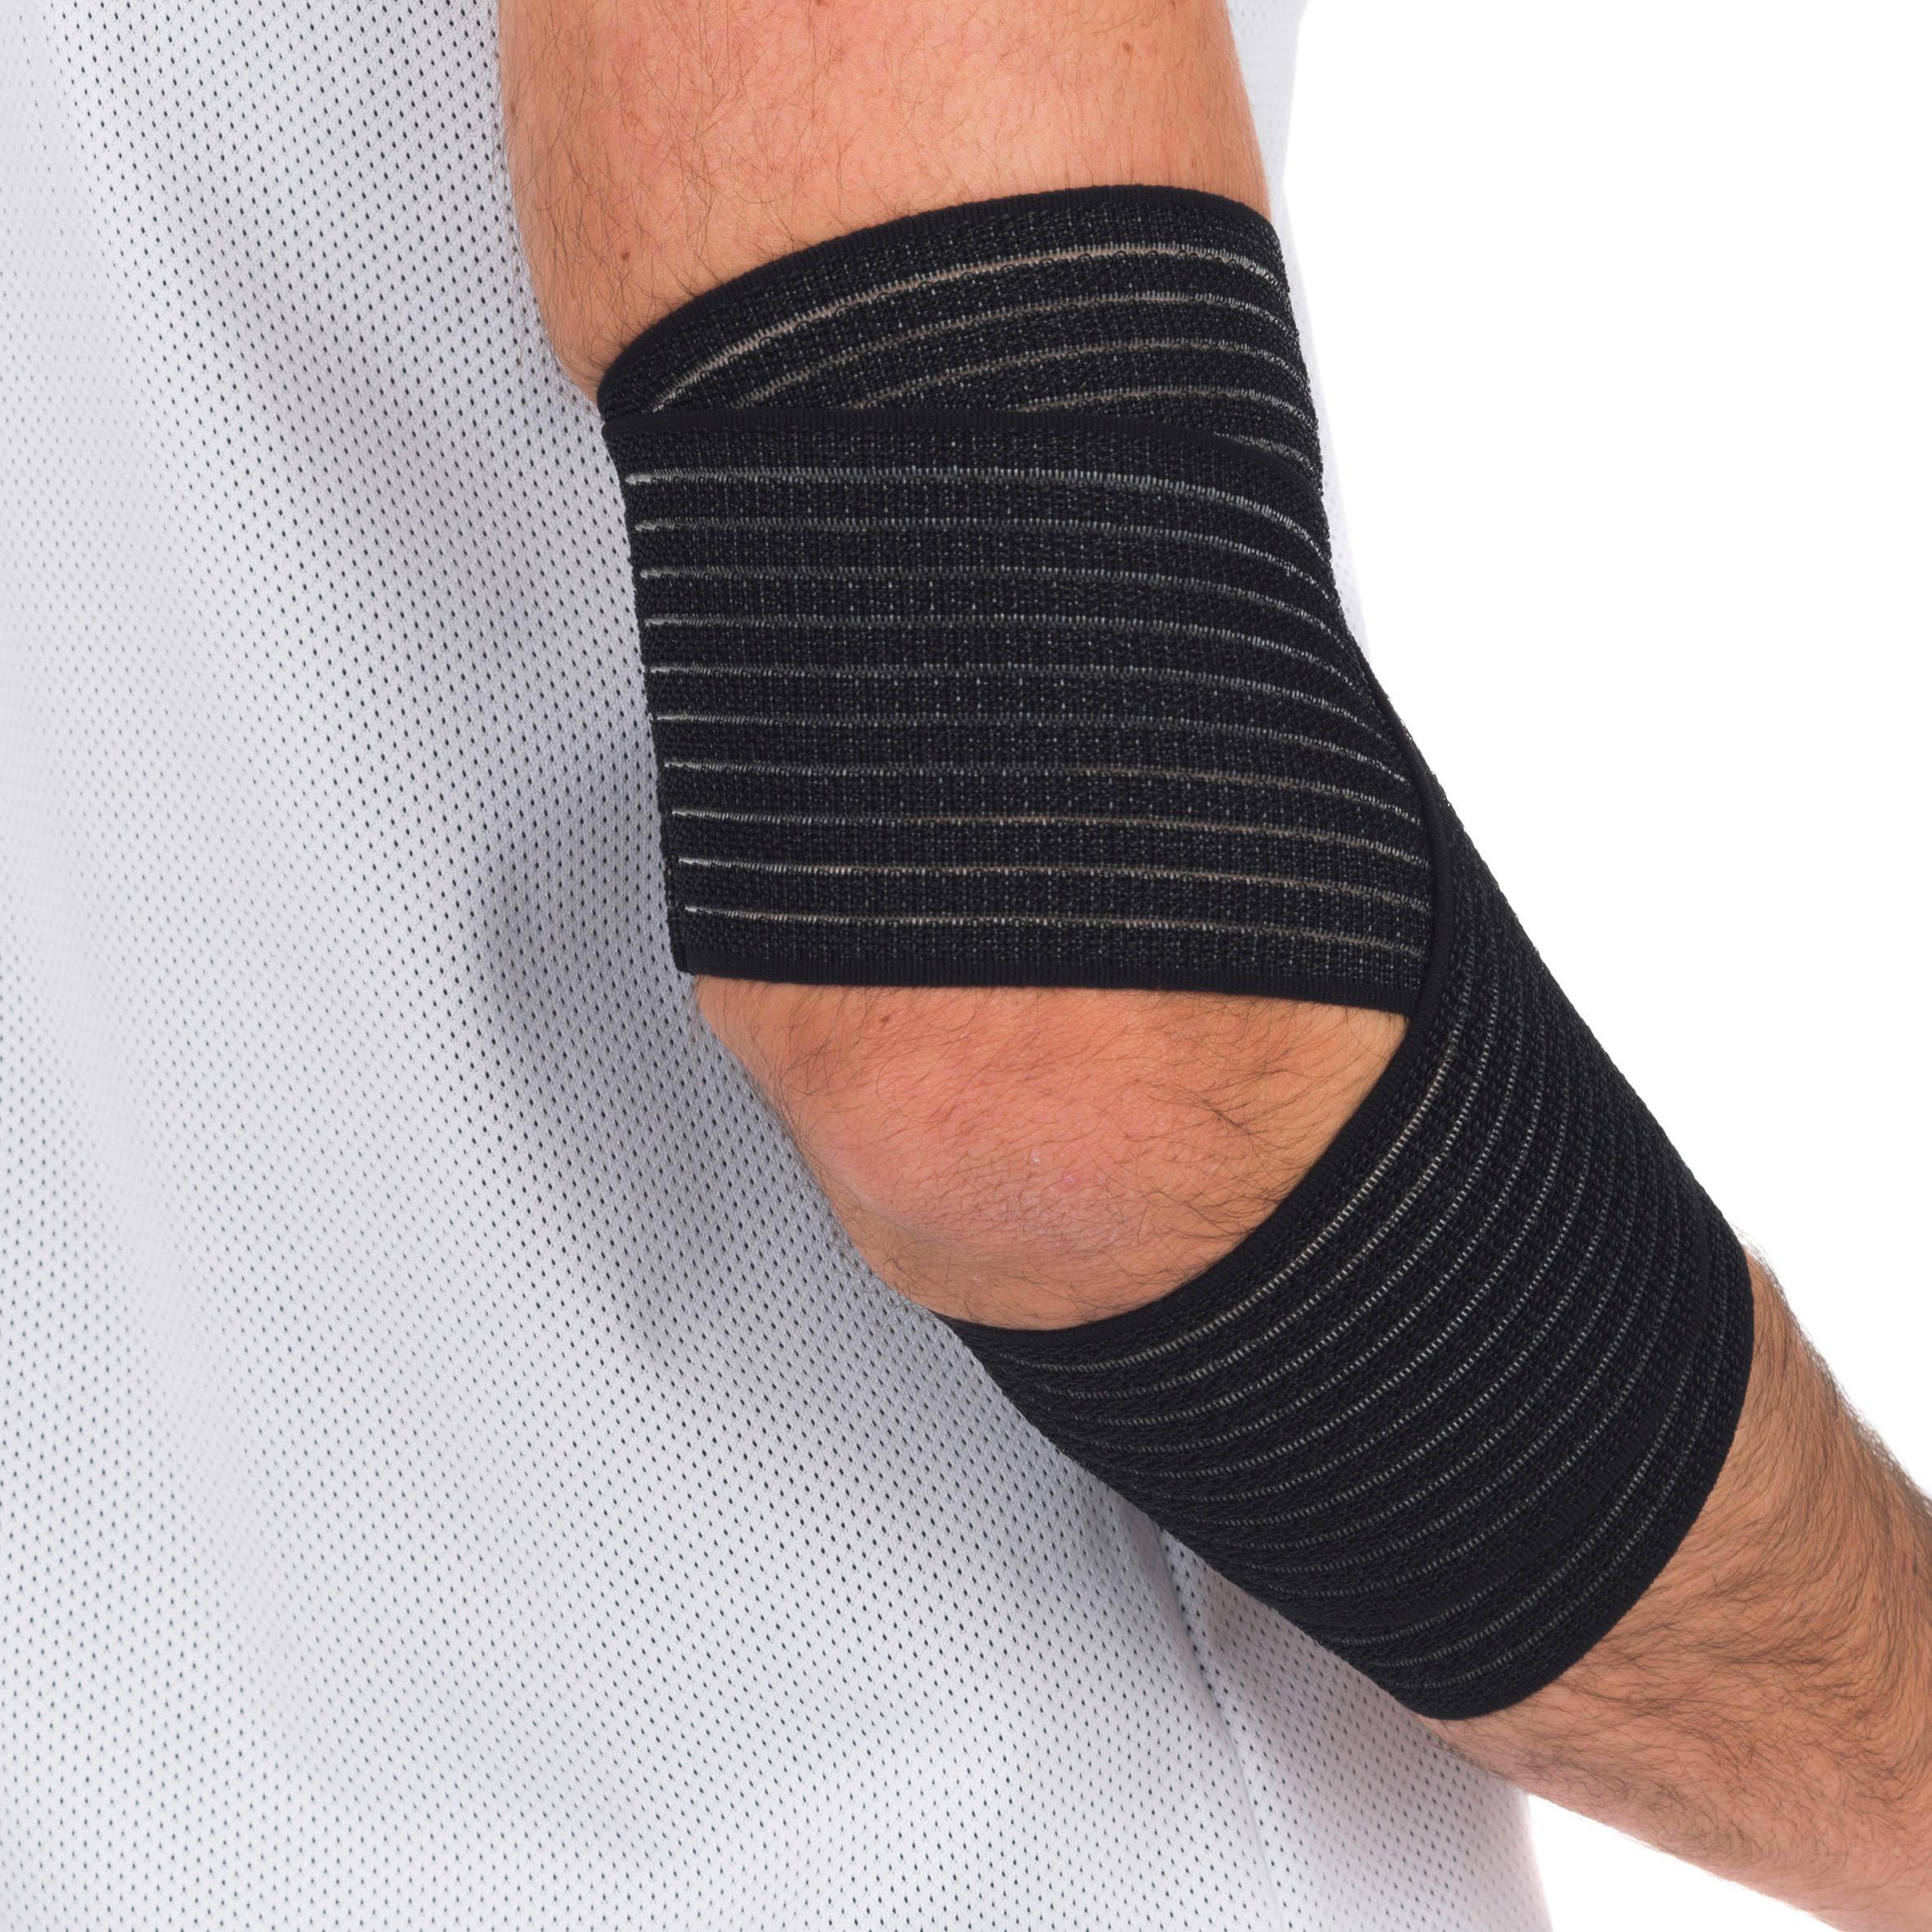 8 cm x 1.2 m Adjustable Reusable Strap - Black